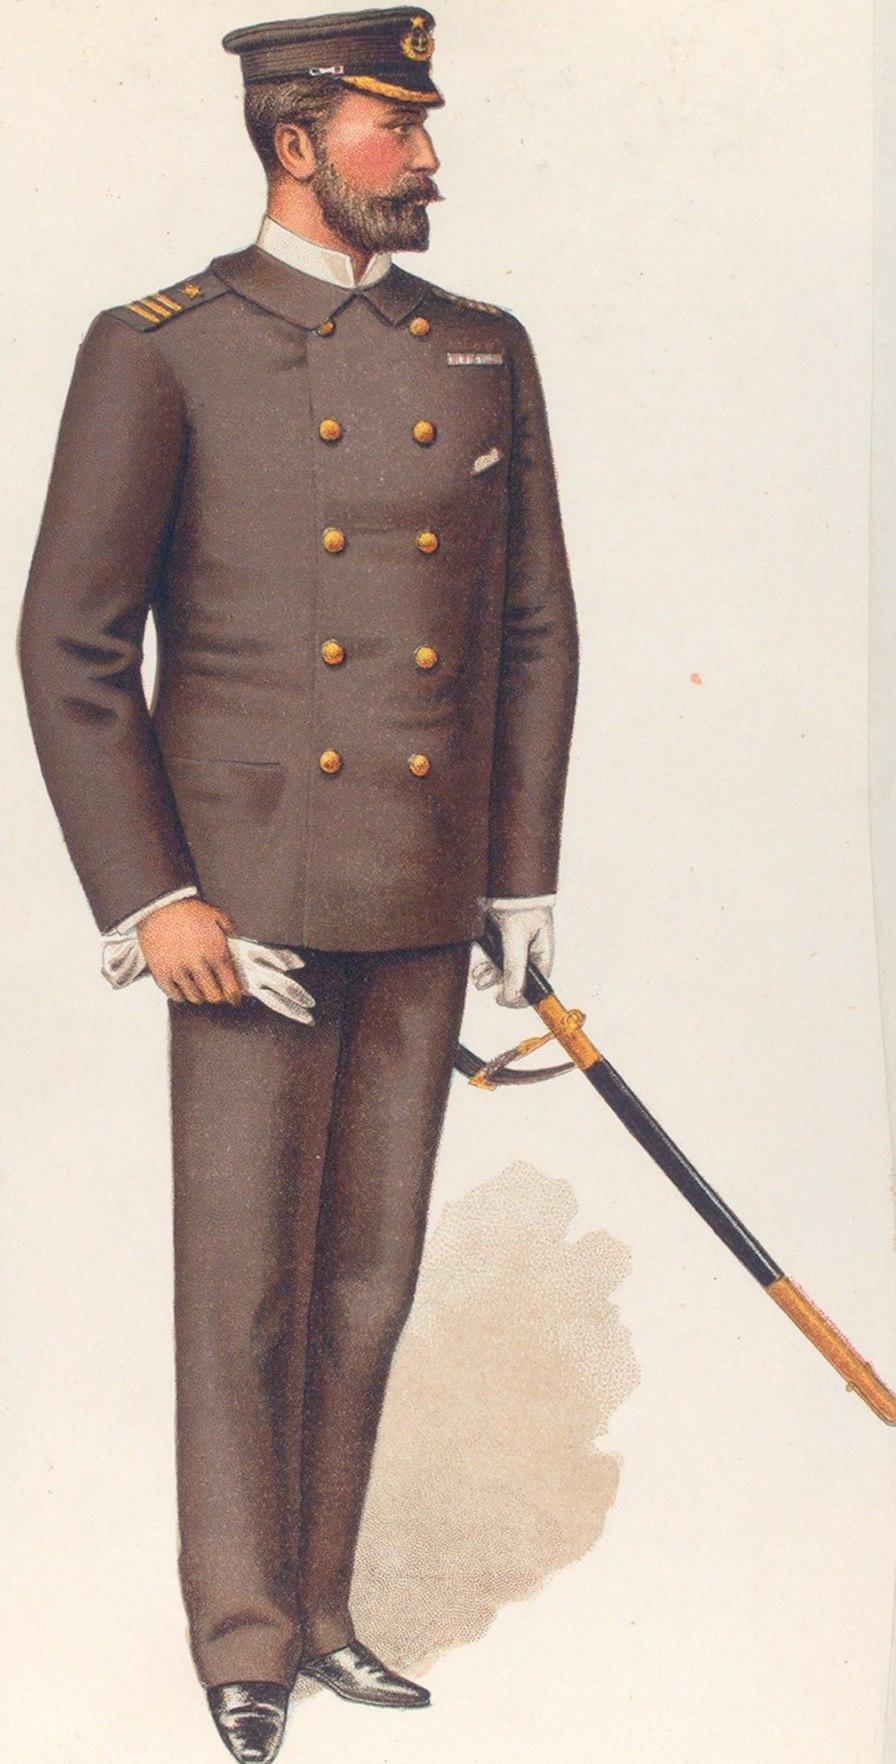 Chilean Navy officer's uniform